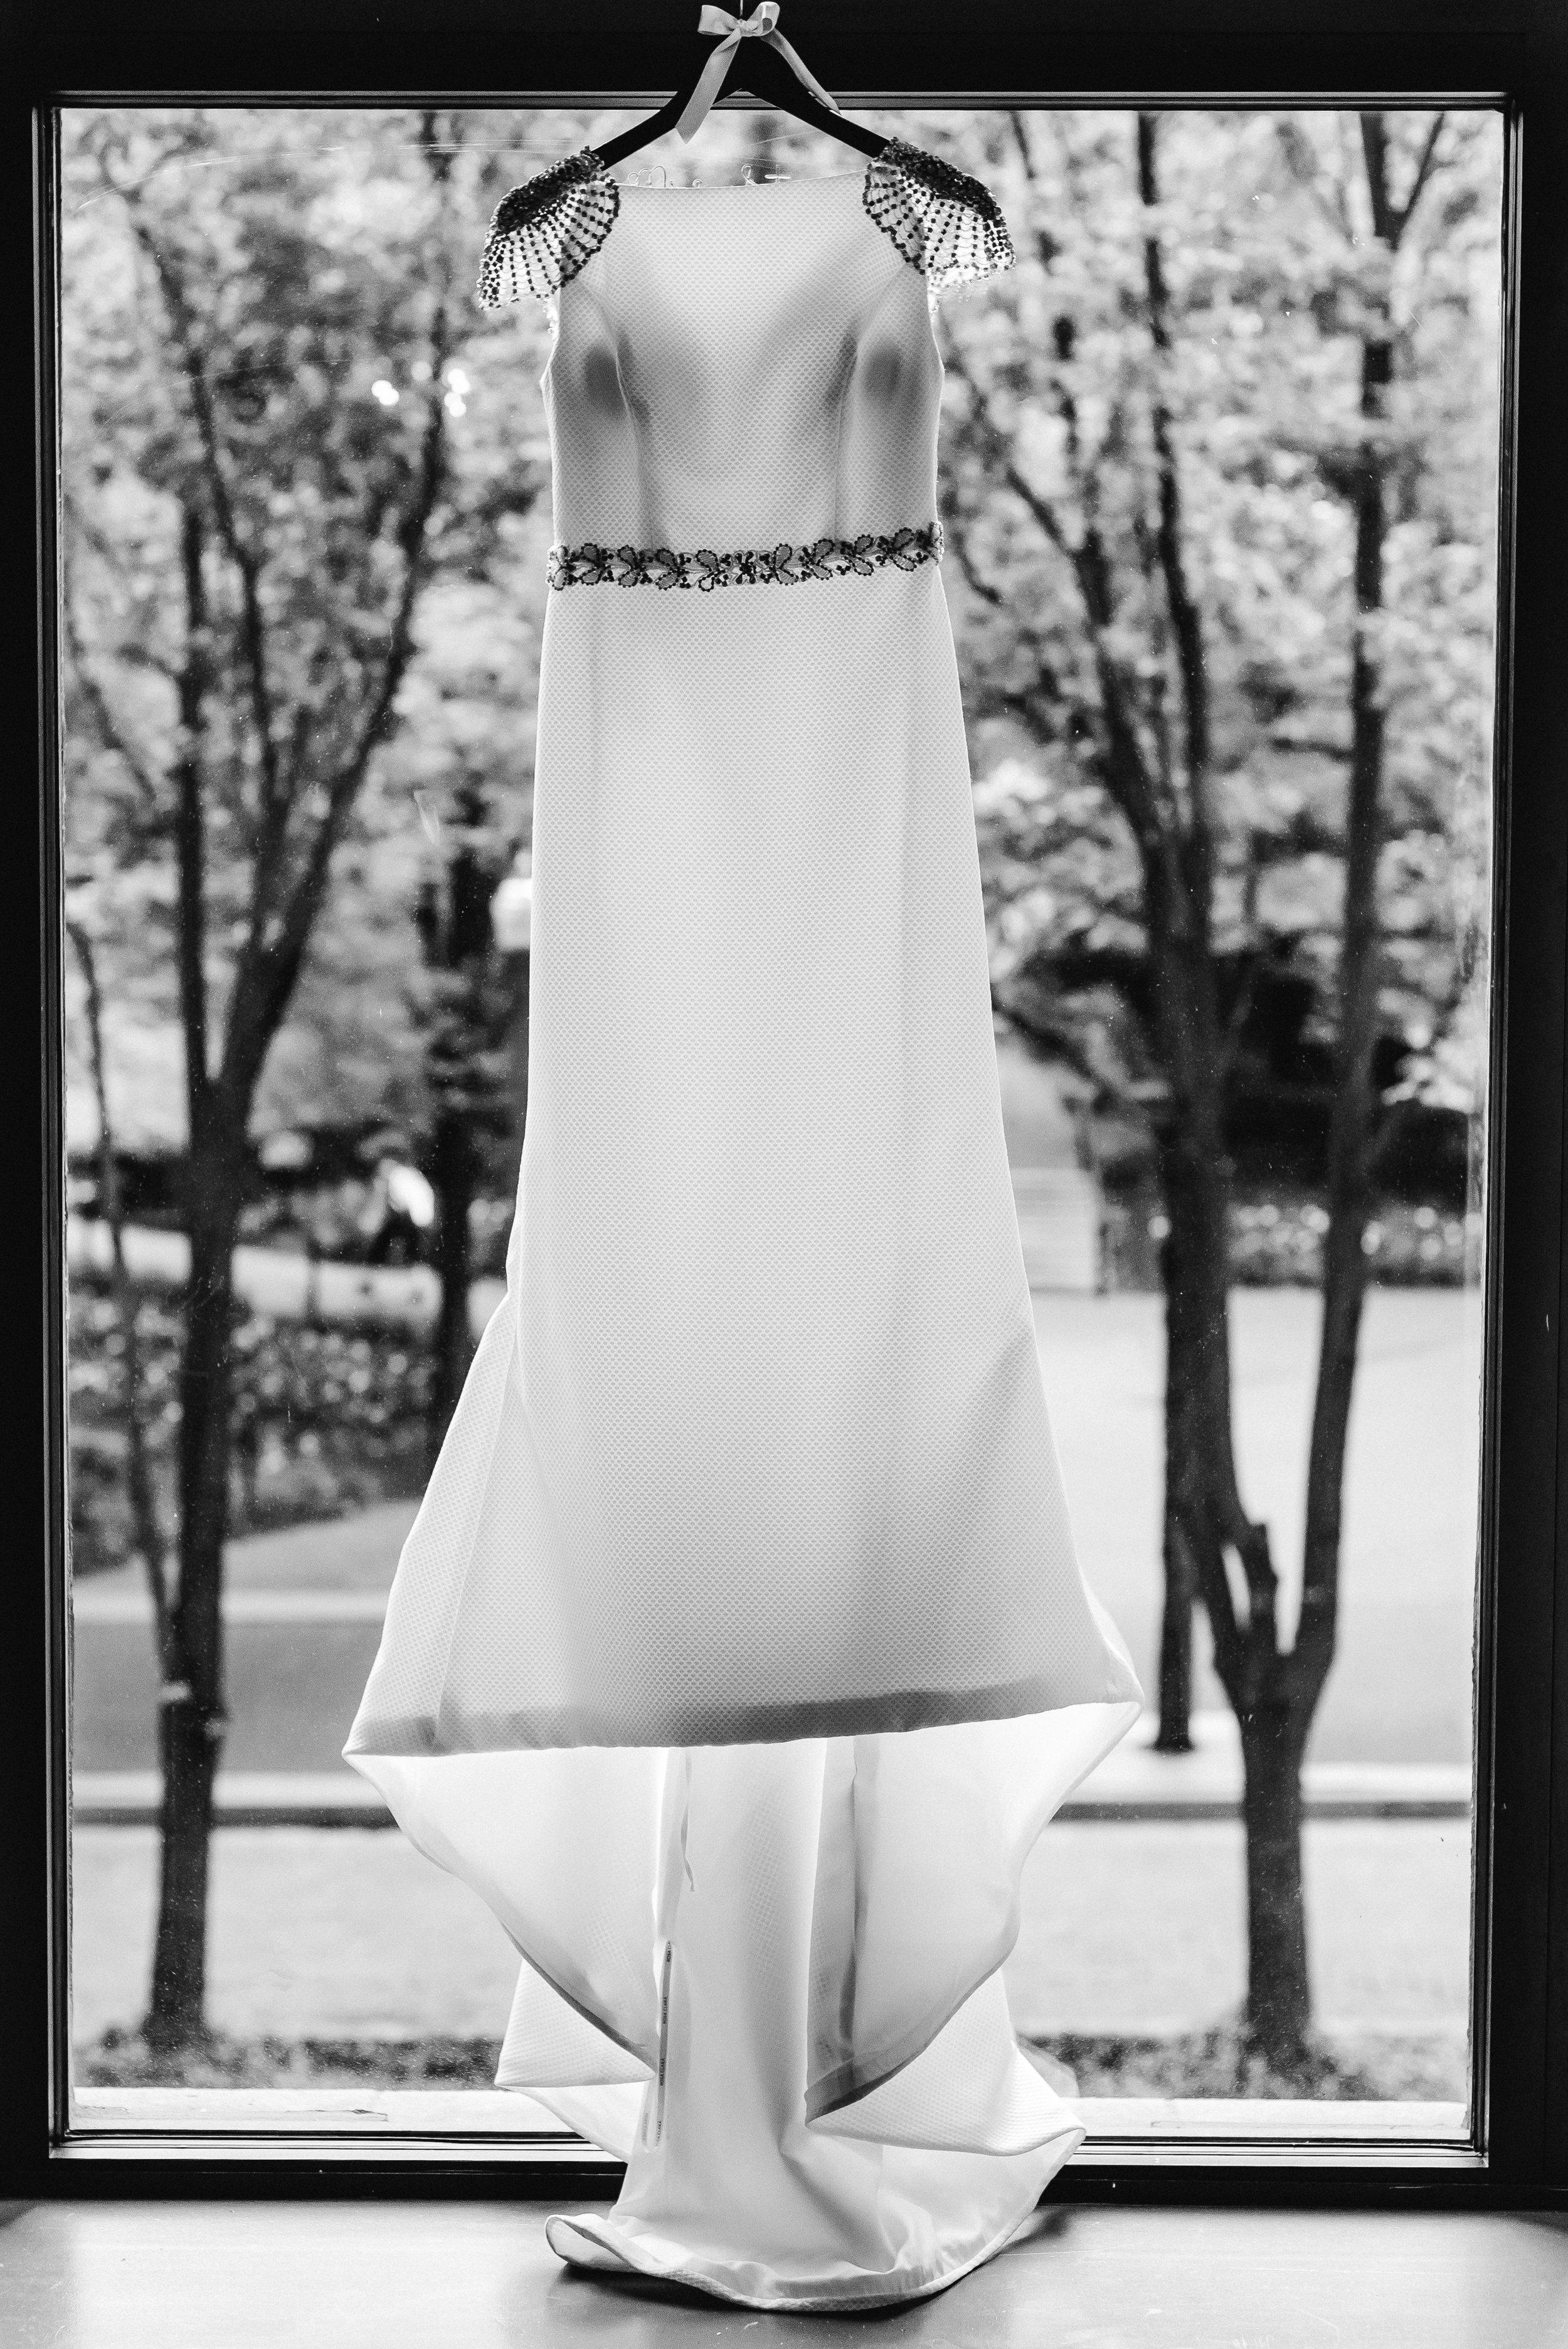 omni-william-penn-wedding-classic-chic-modern-photography-0007.jpg